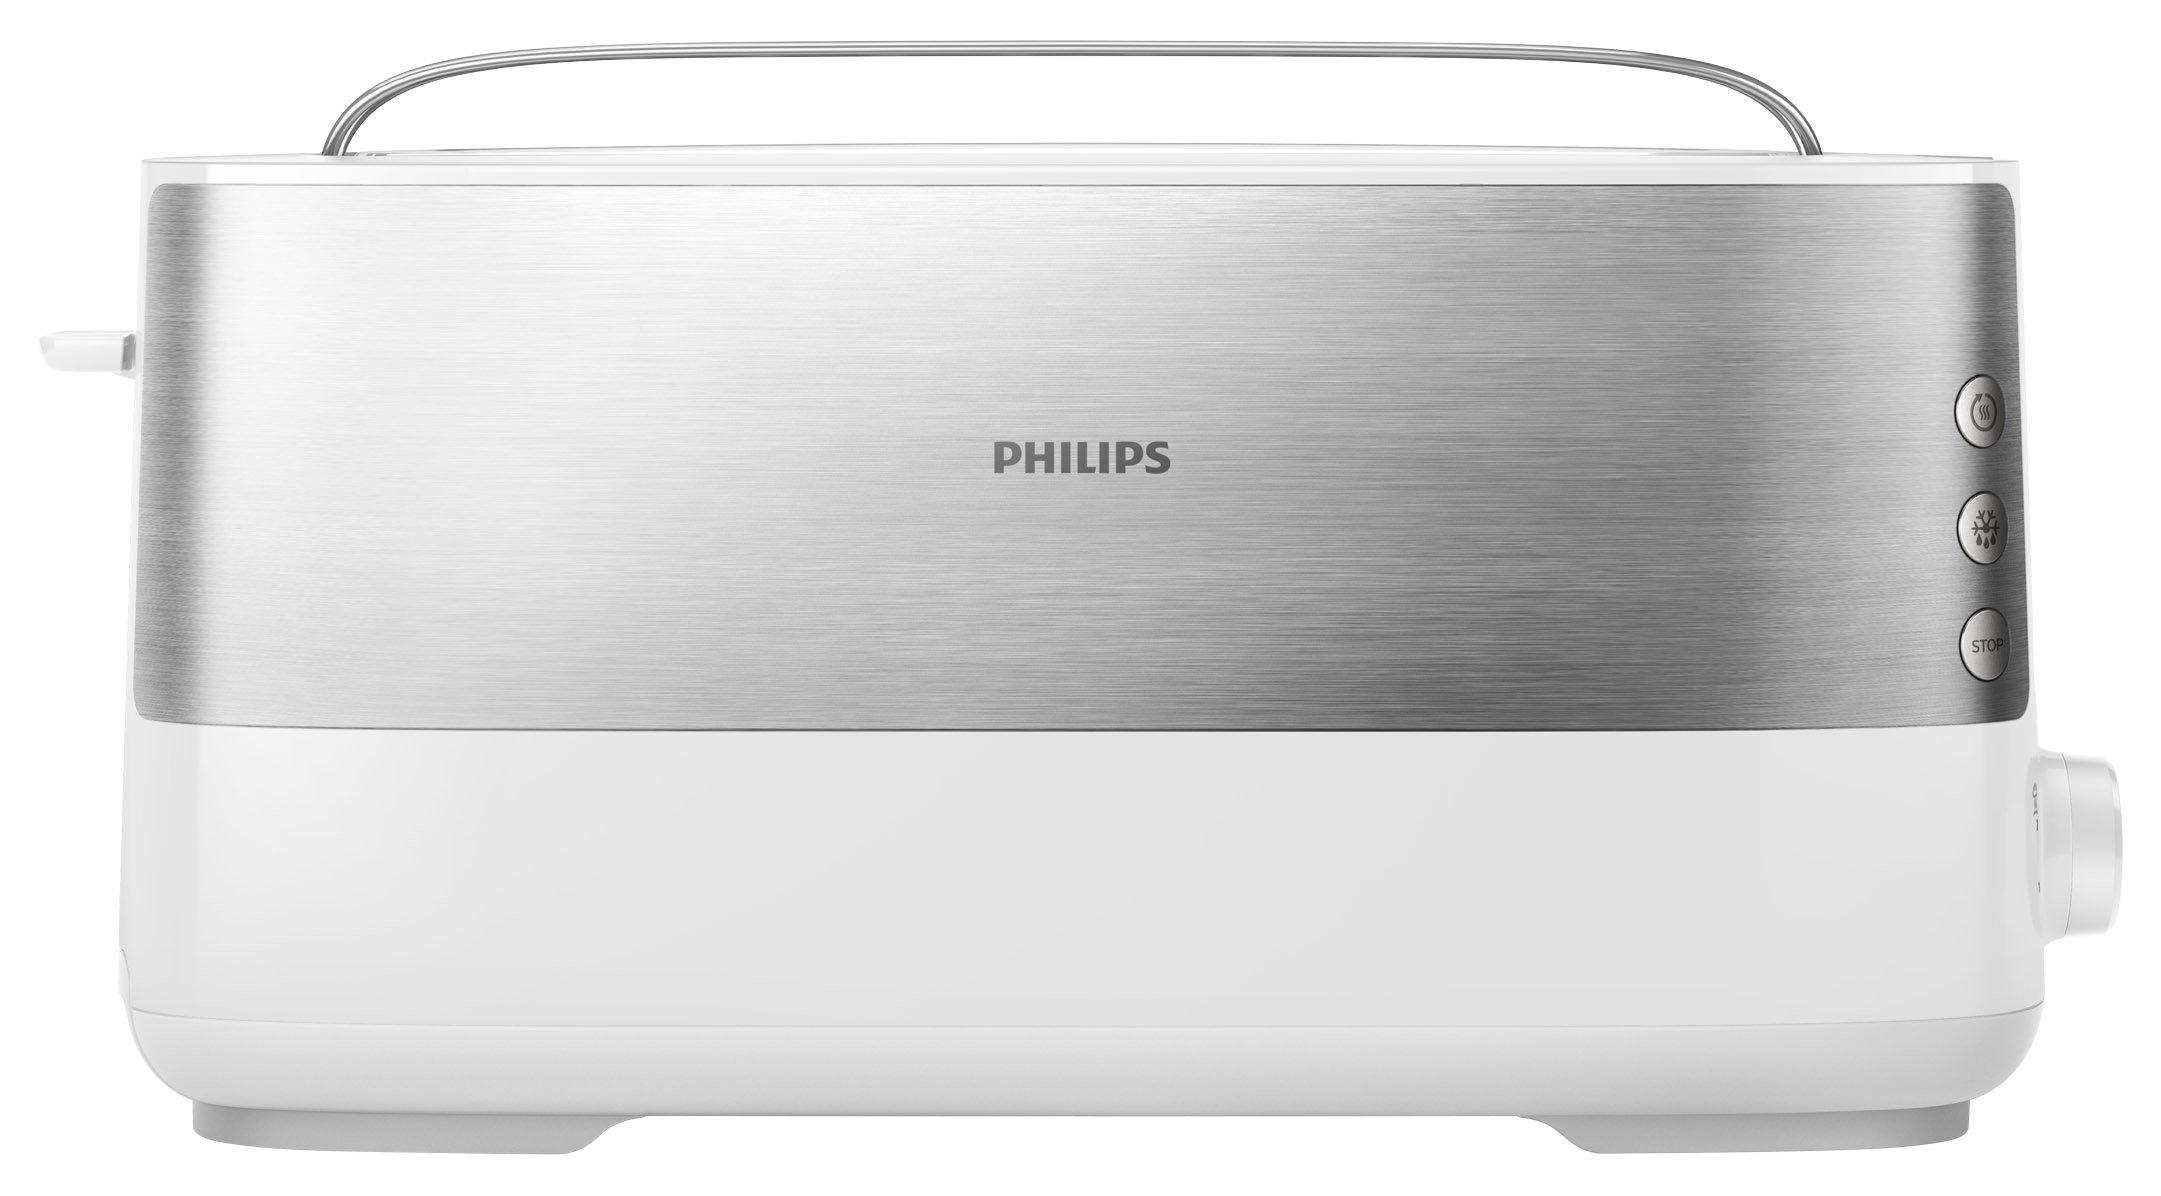 Philips-Langschlitztoaster-Edelstahl-8-Brunungsstufen-Brtchenaufsatz-950-Watt-wei-HD269200